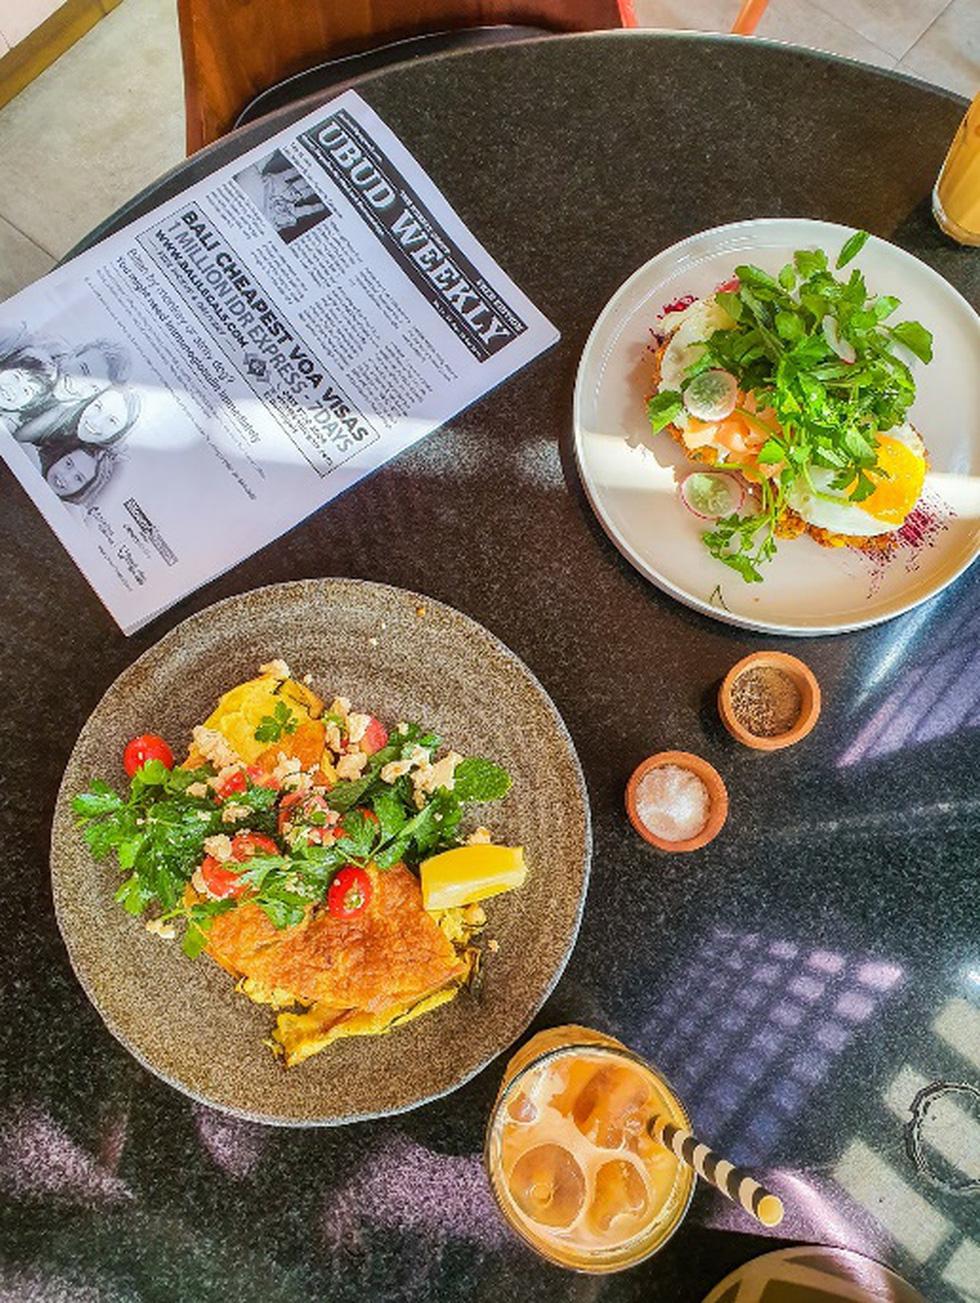 Trọn bộ bí kíp giúp bạn chụp ảnh món ăn hút ngàn like trên Instagram - Ảnh 1.